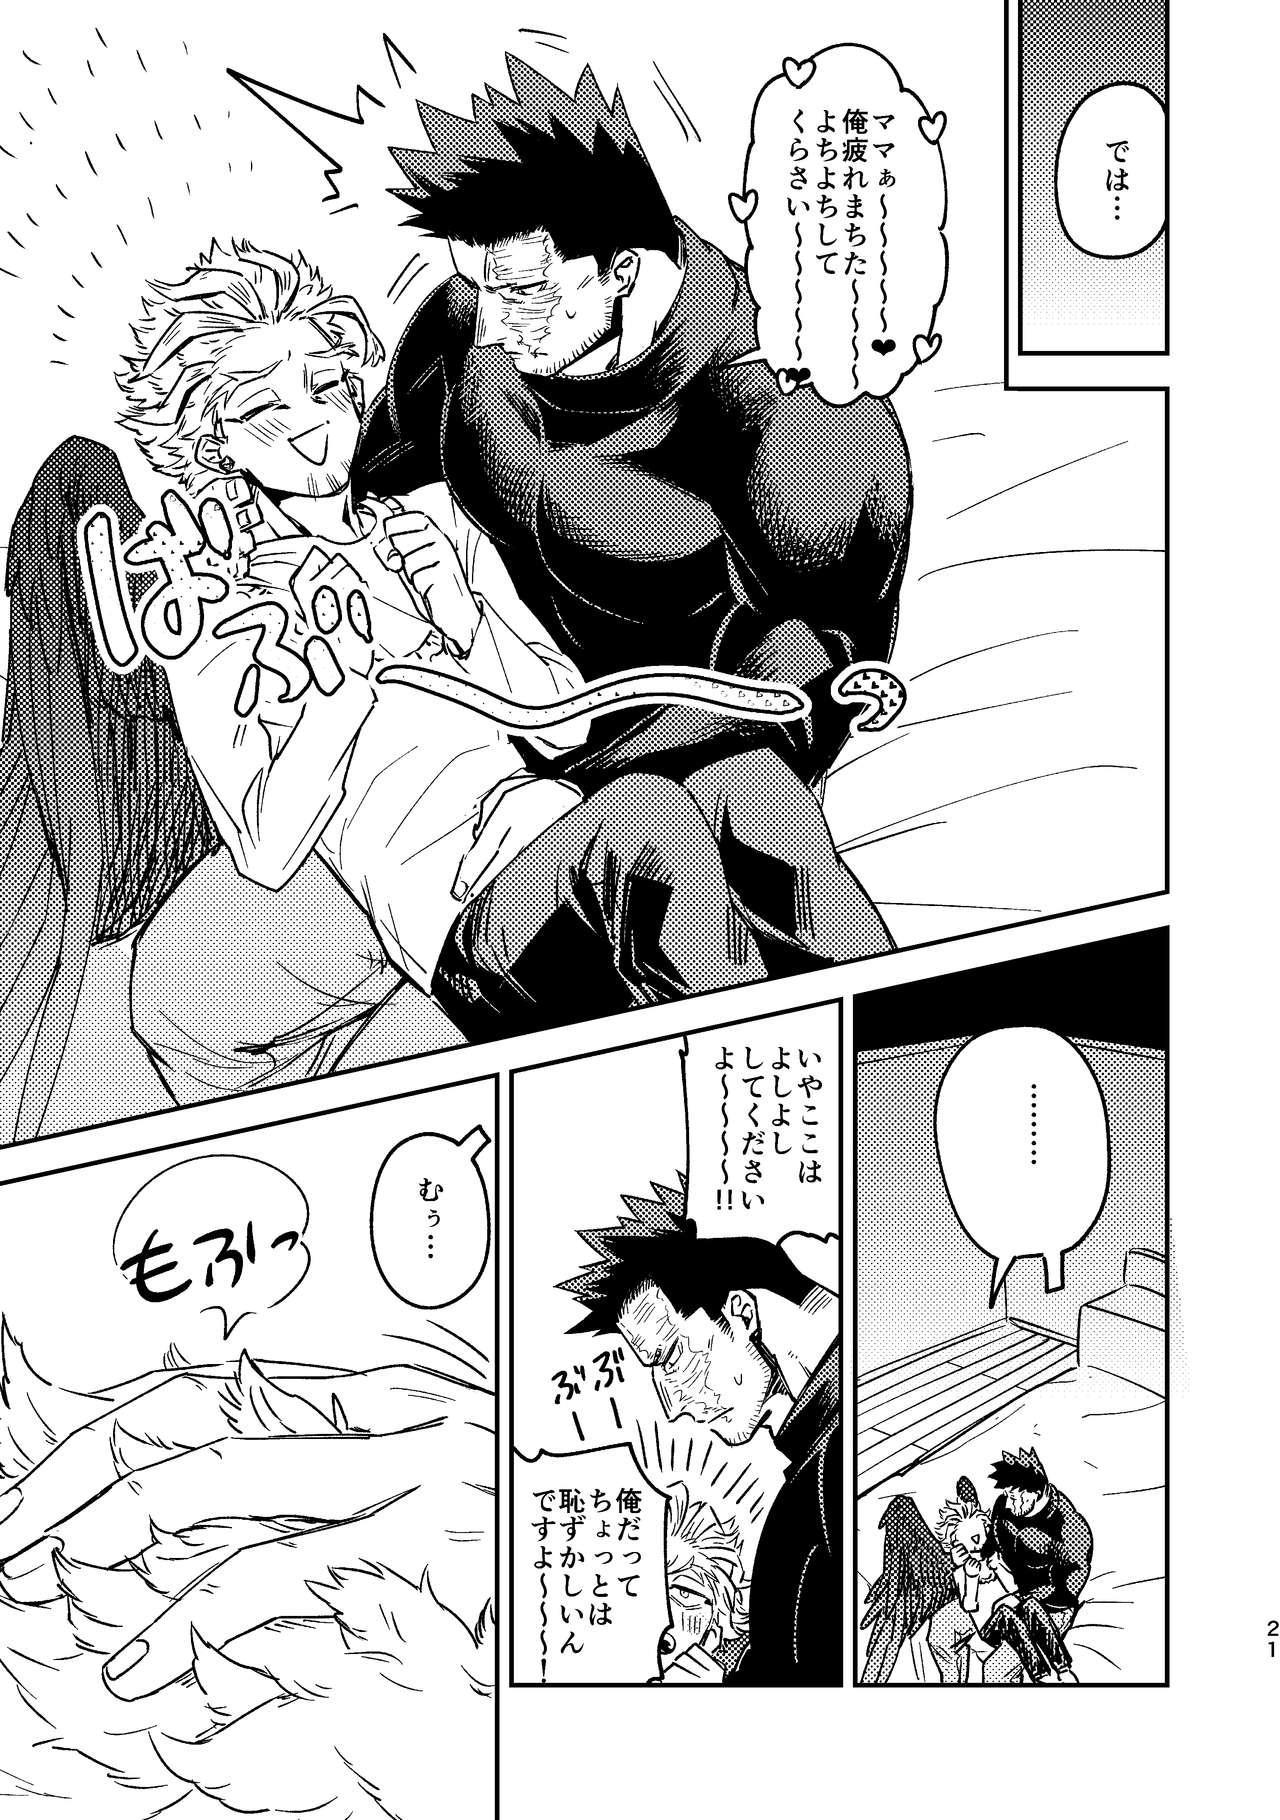 WEB Sairoku Zumi HawEn Manga ga Kami demo Yomeru Hon. 20